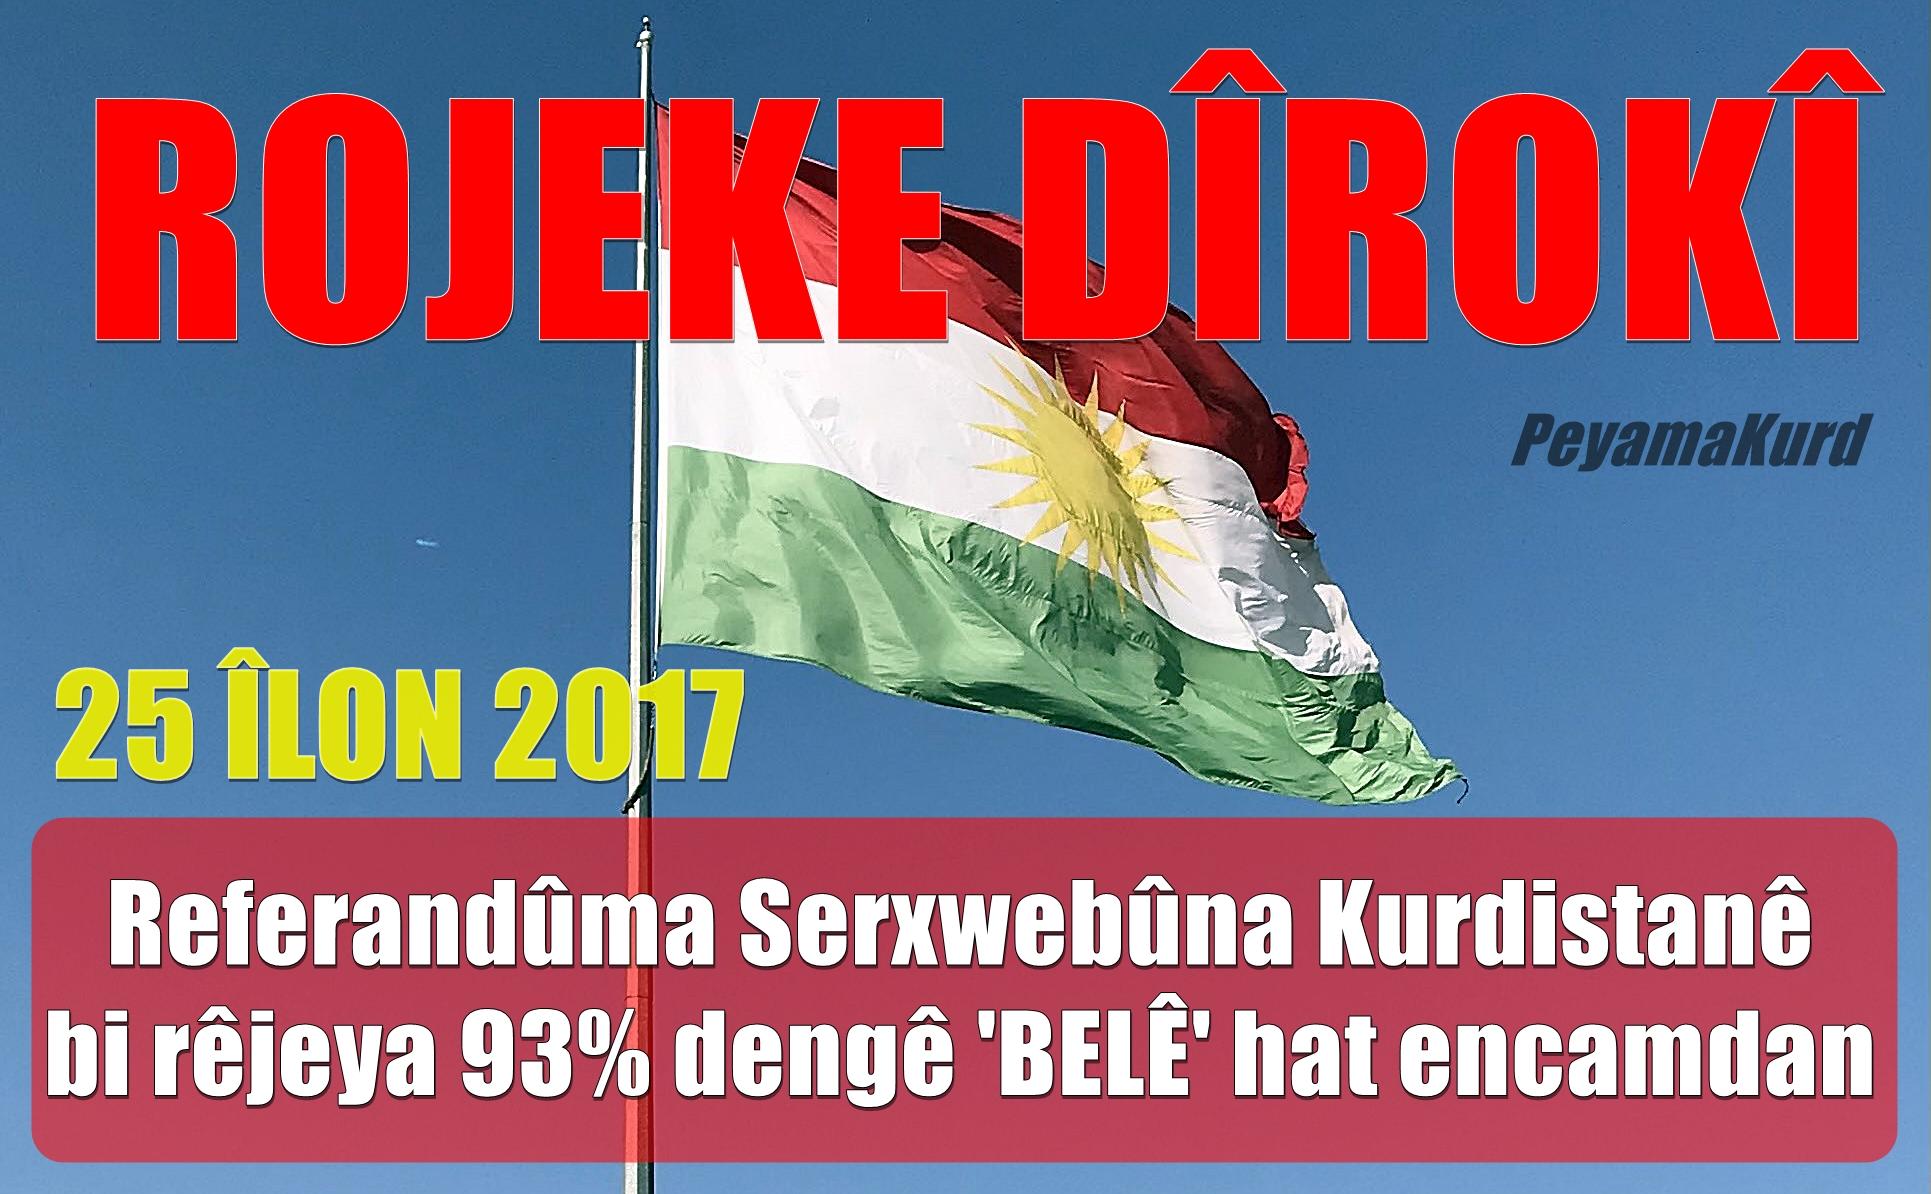 Kurdistaniyan bi pîrozkirina salvegera Referandûma Serxwebûnê medya civakî hejand